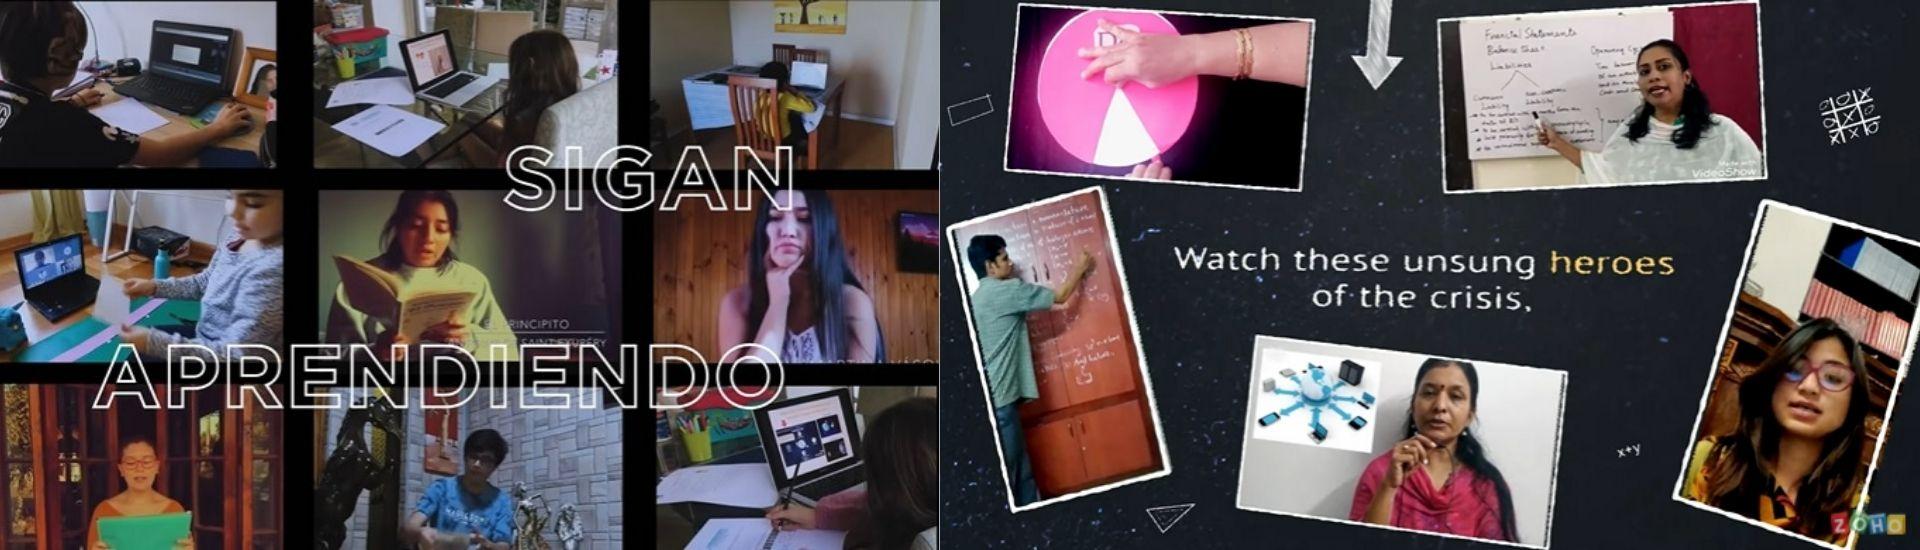 Dos imágenes sacadas de los videos, a la izquierda se puede ver una clase por zoom y en la otra una parte del video donde aparecen varios docentes